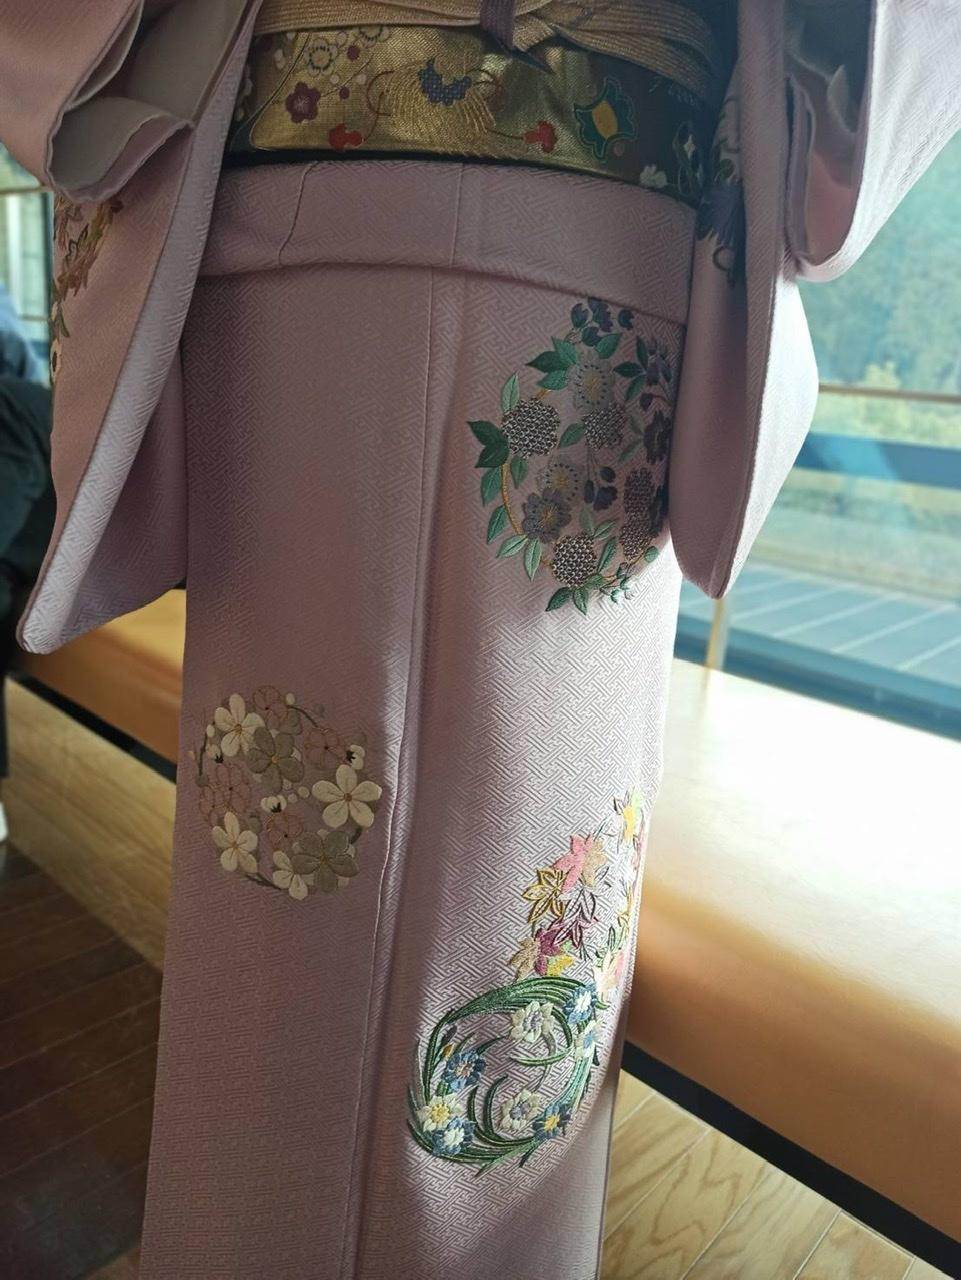 伝えて行きたい日本伝統の美《美知子お義母さんの日本刺繍》_a0157409_07232581.jpeg